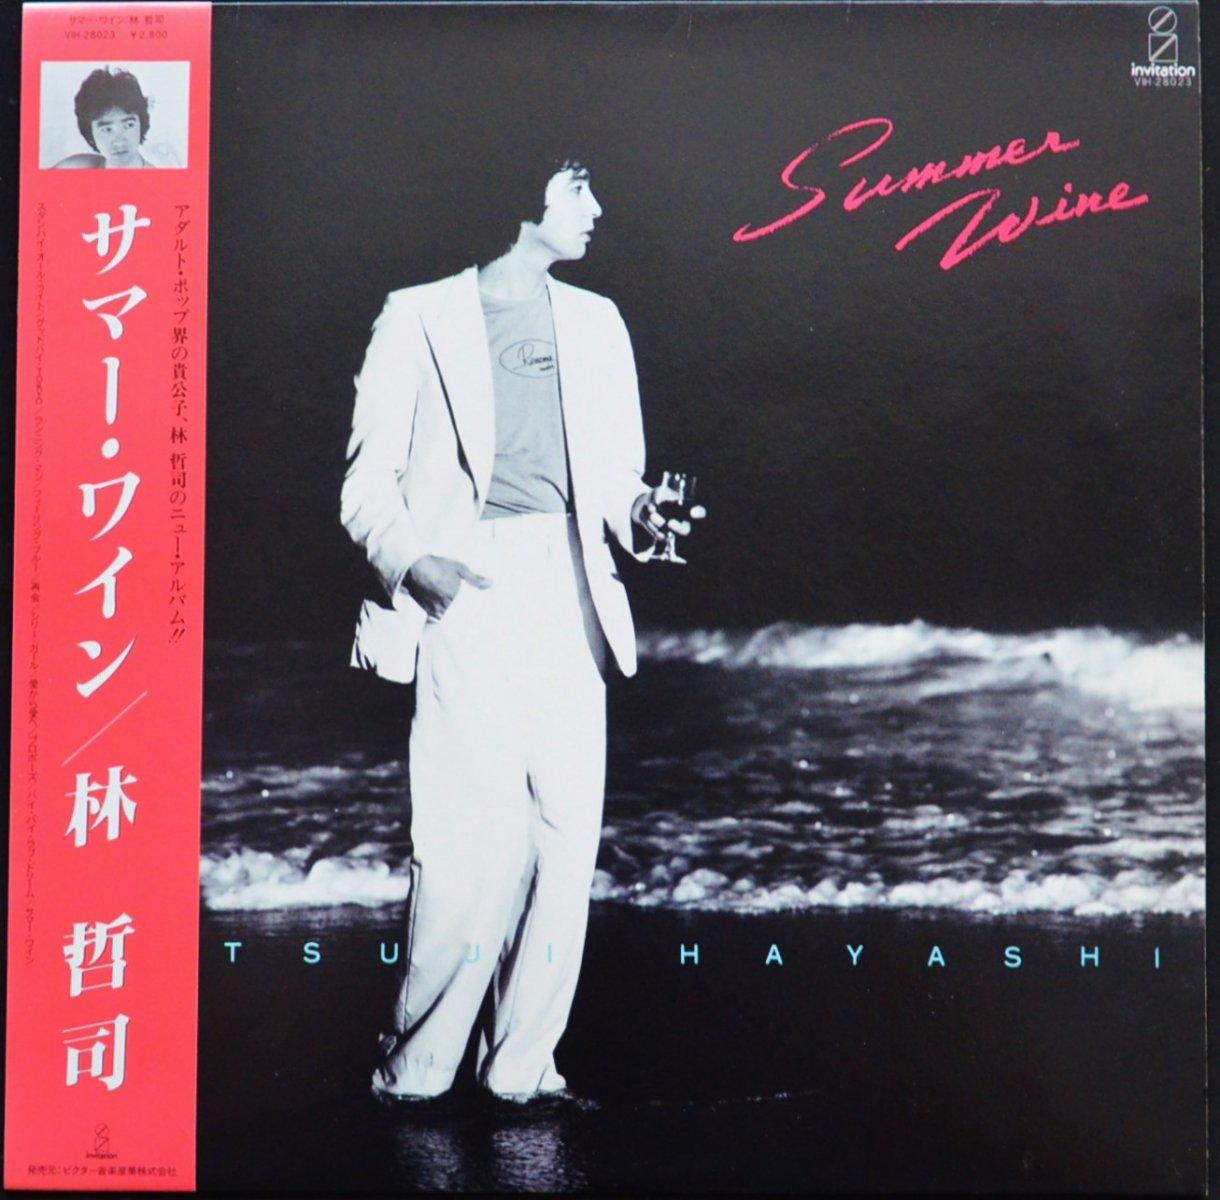 林哲司 TETSUJI HAYASHI / サマー・ワイン SUMMER WINE (LP)